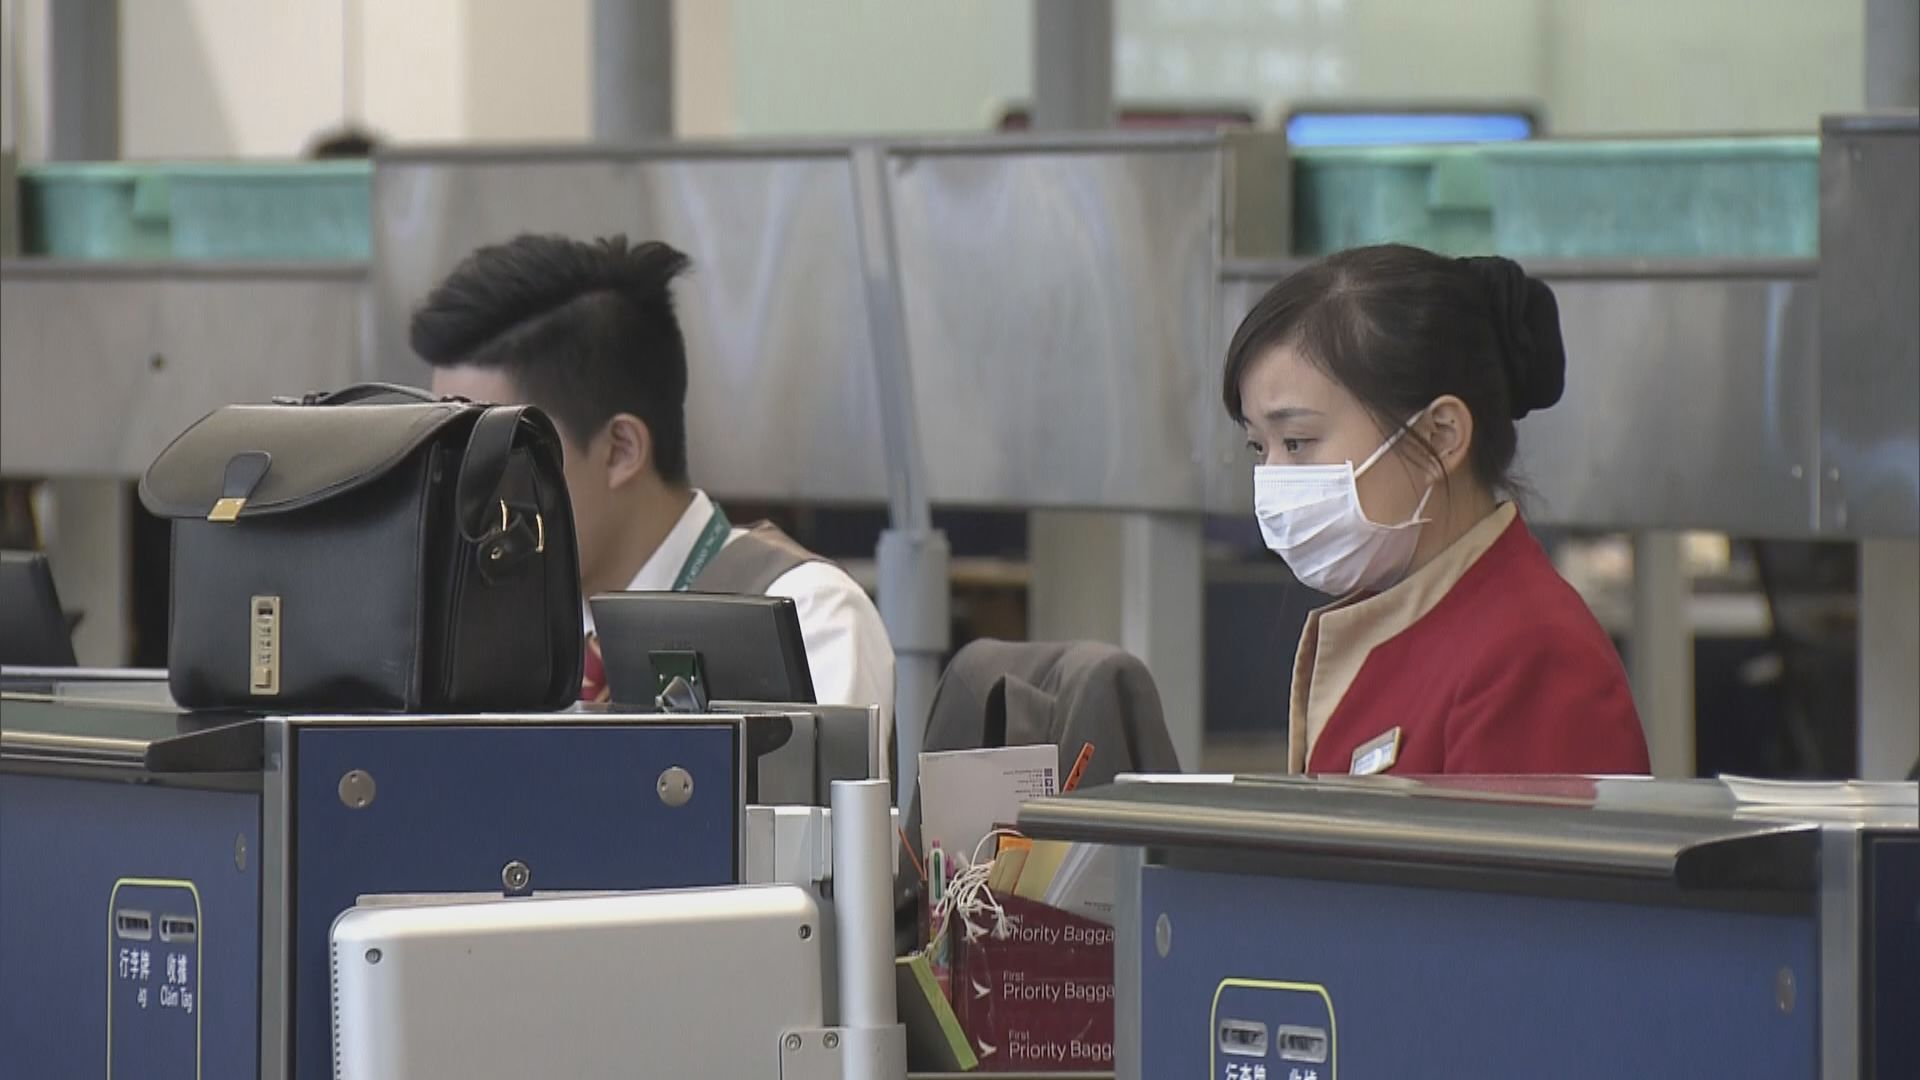 國泰懷孕員工若沒麻疹免疫力可留家照支薪